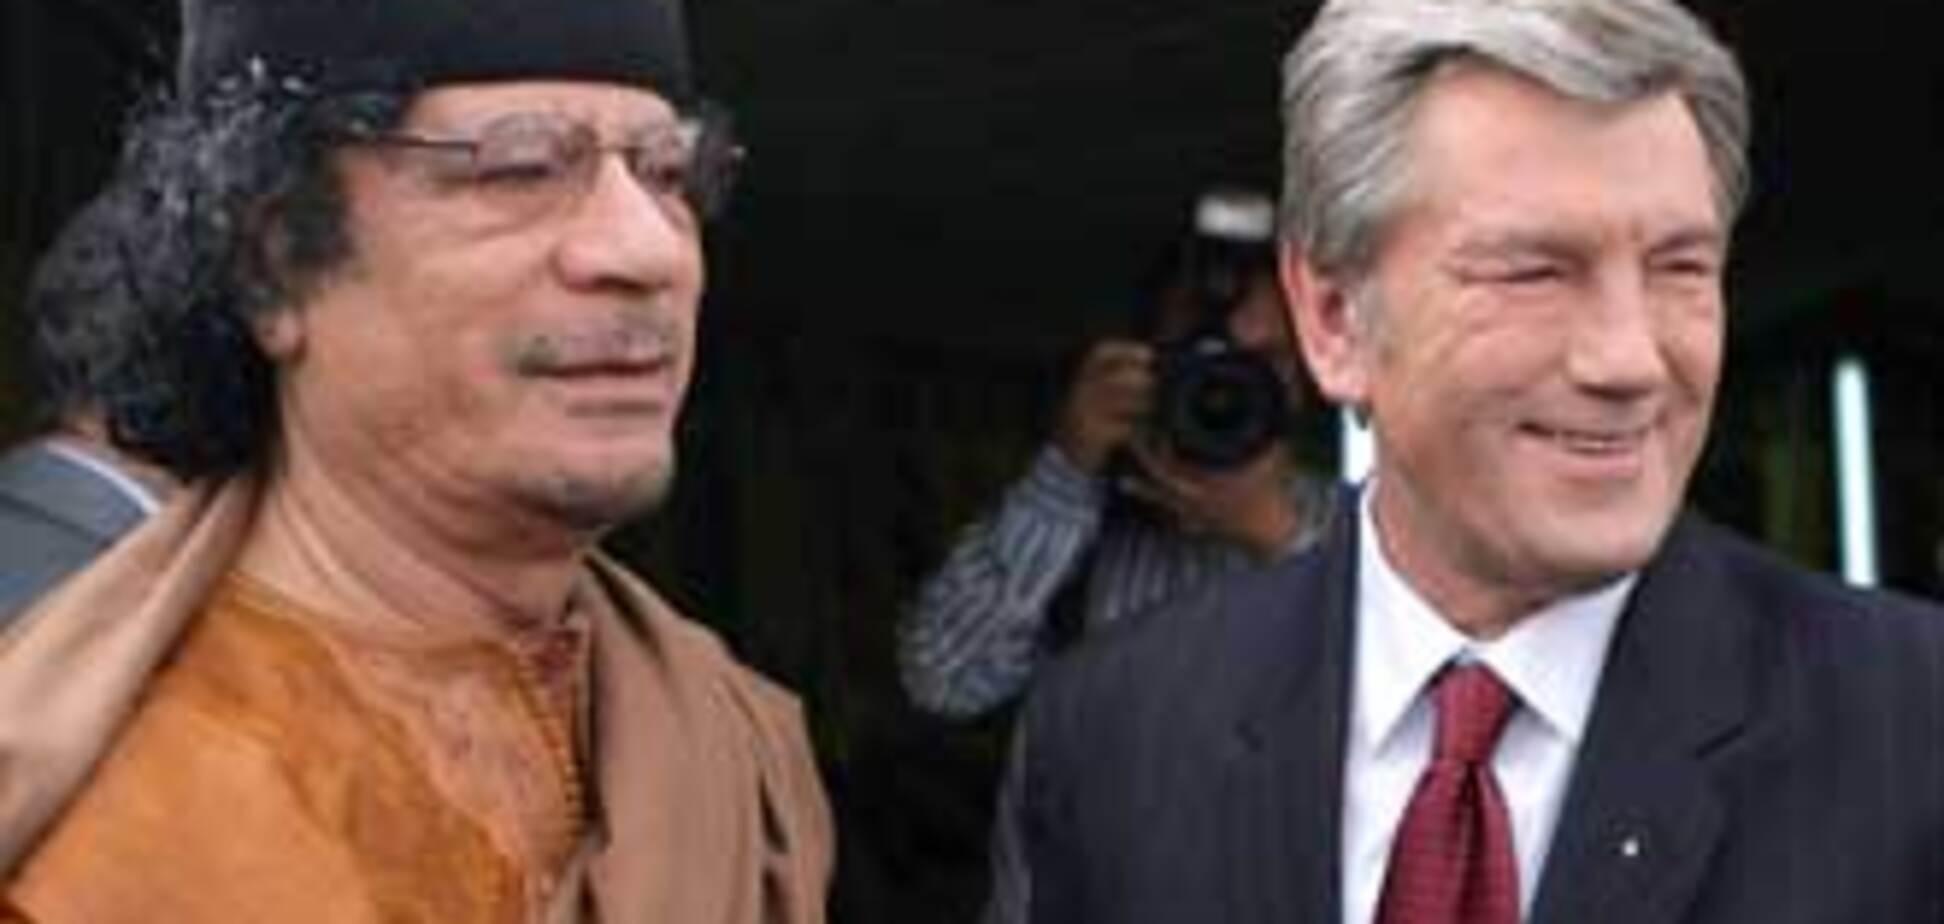 Сегодня Ющенко встречается с легендарным революционером